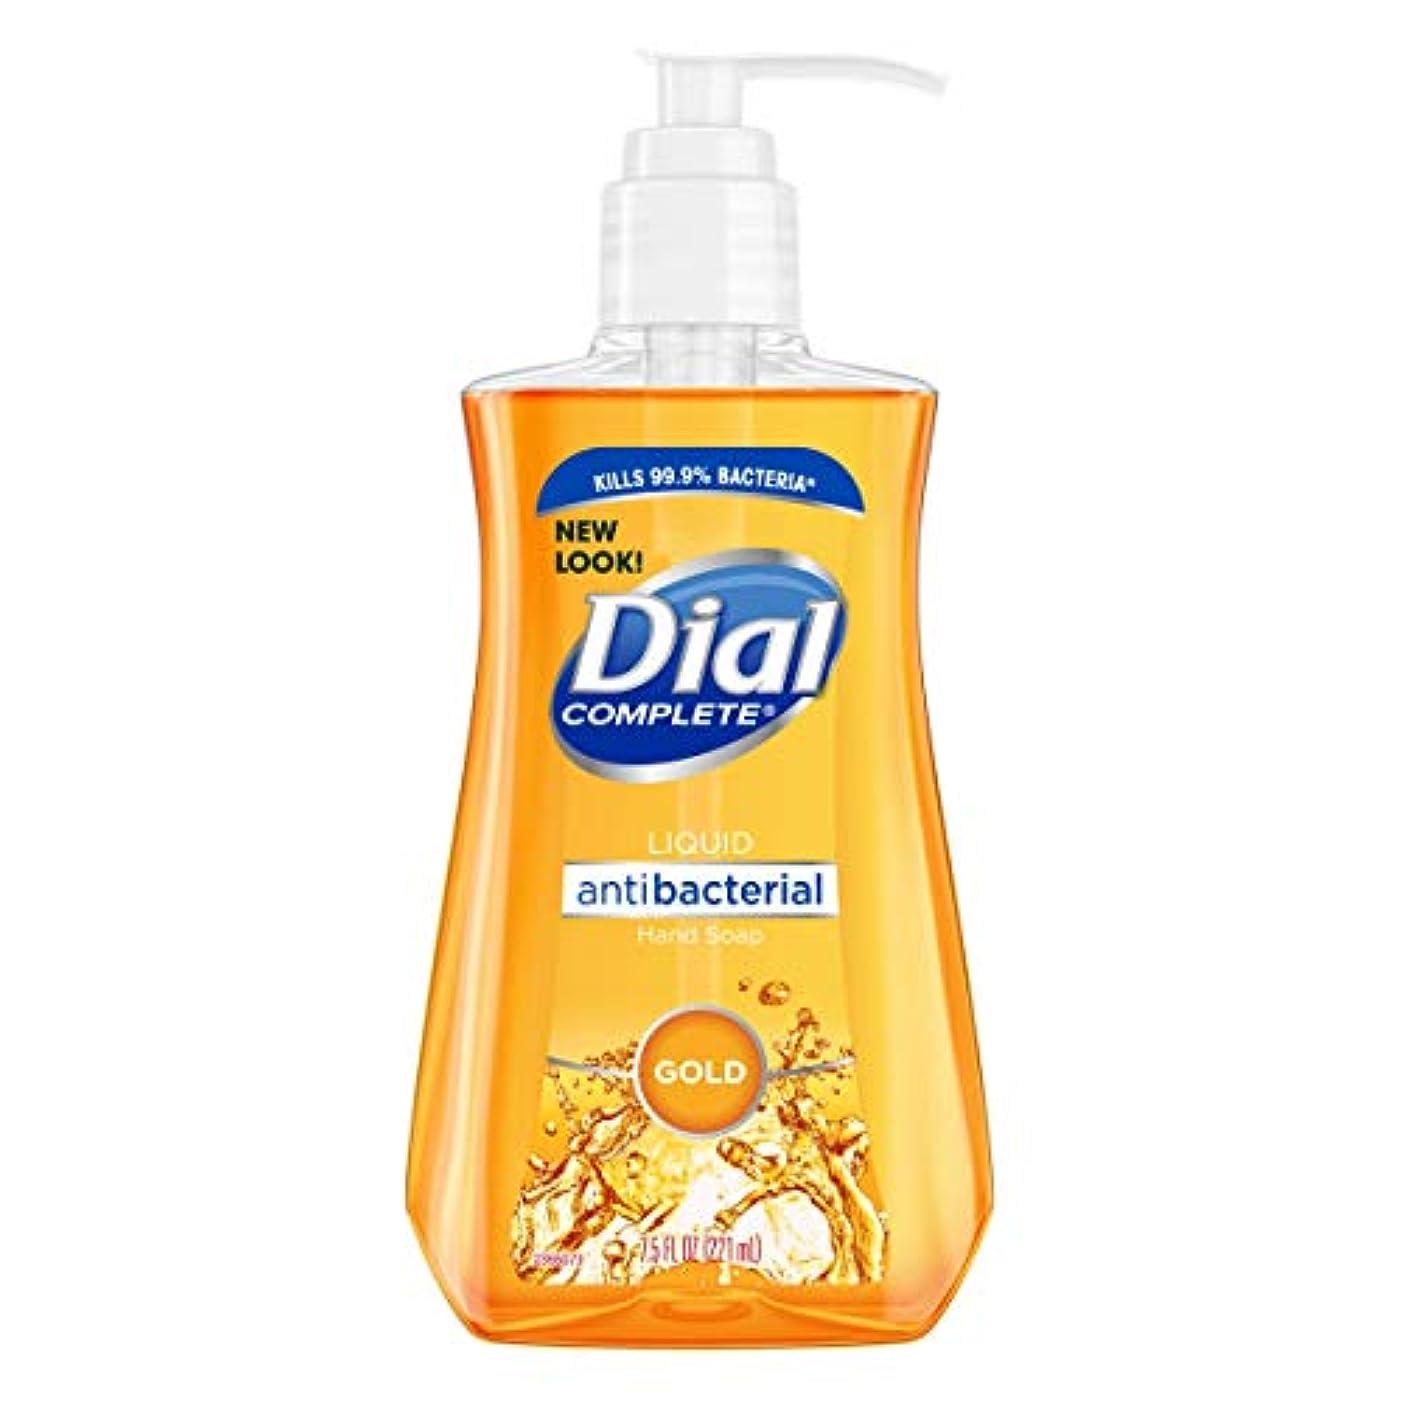 プロフィール変化する豚海外直送品Dial Antibacterial Liquid Hand Soap, Gold 7.5 oz by Dial